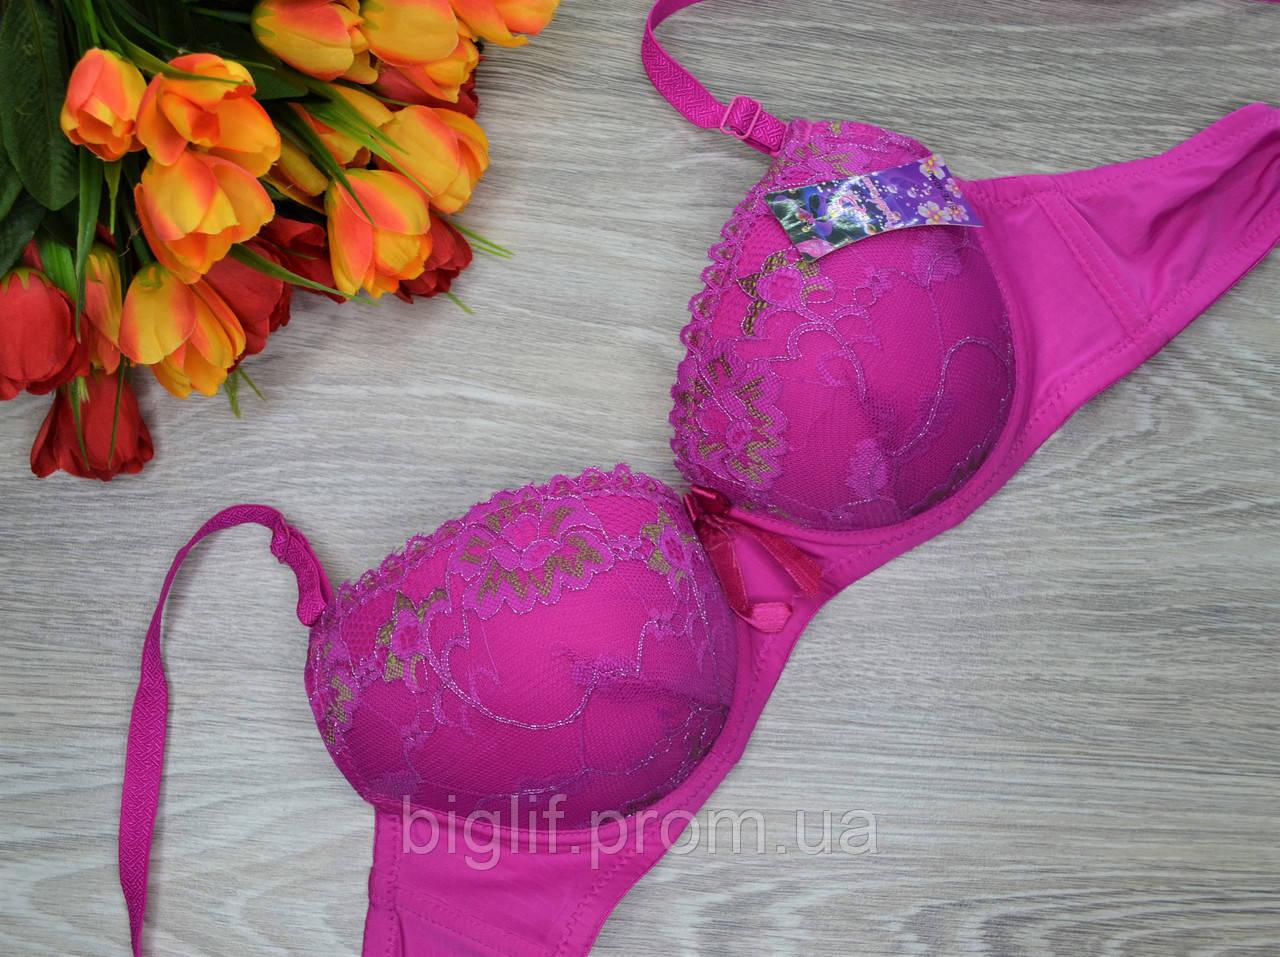 Бюстгальтер с люриксом розовый В  90 см